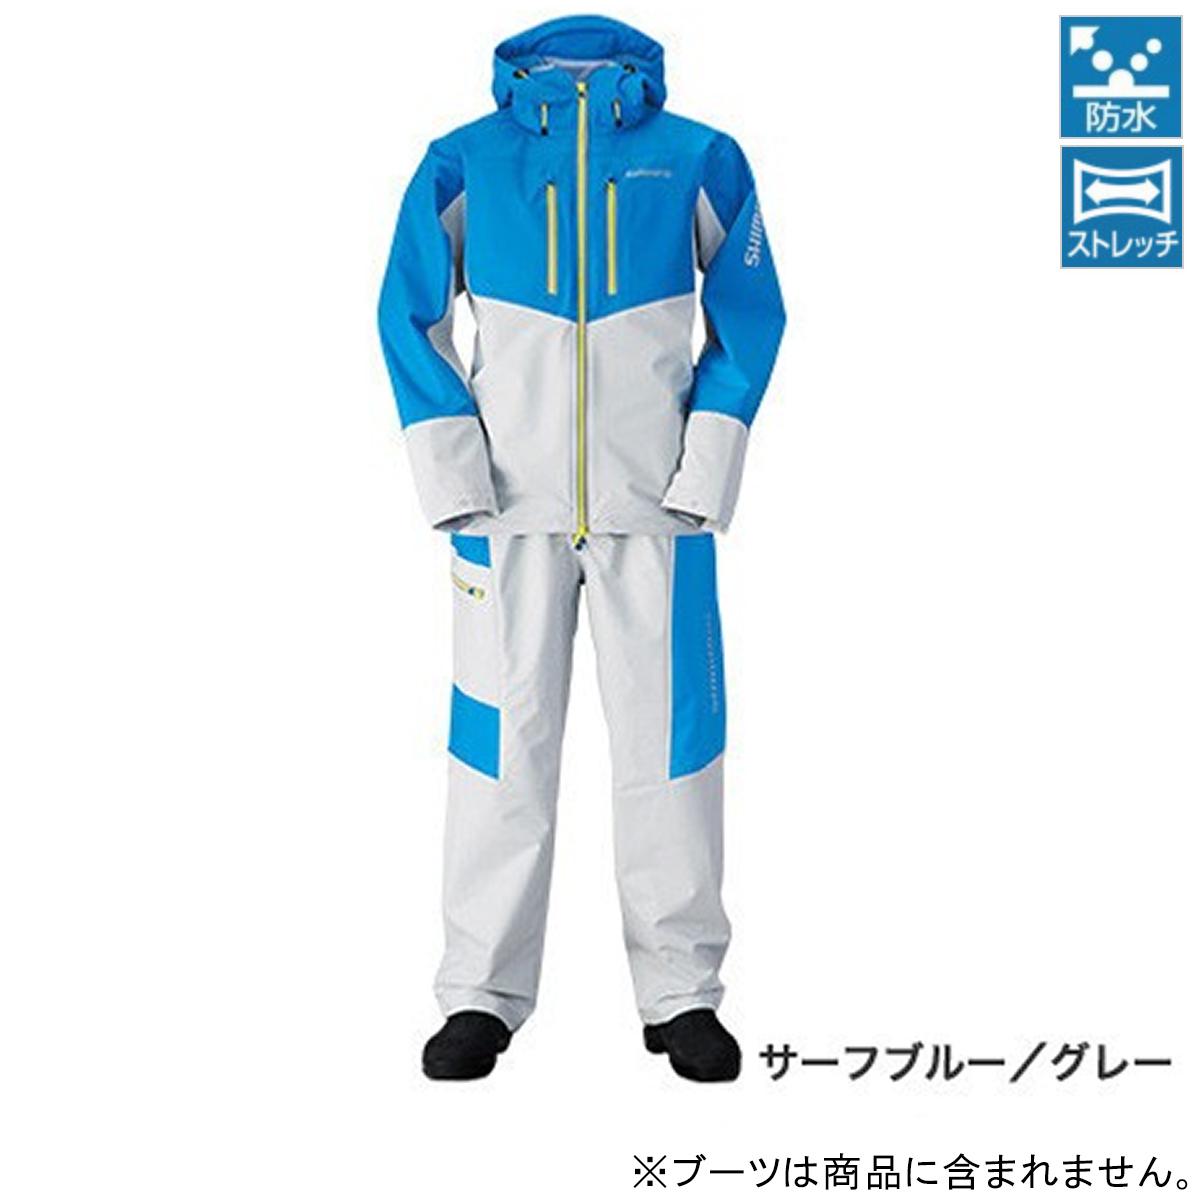 シマノ マリンライトスーツ RA-034N L サーフブルー/グレー